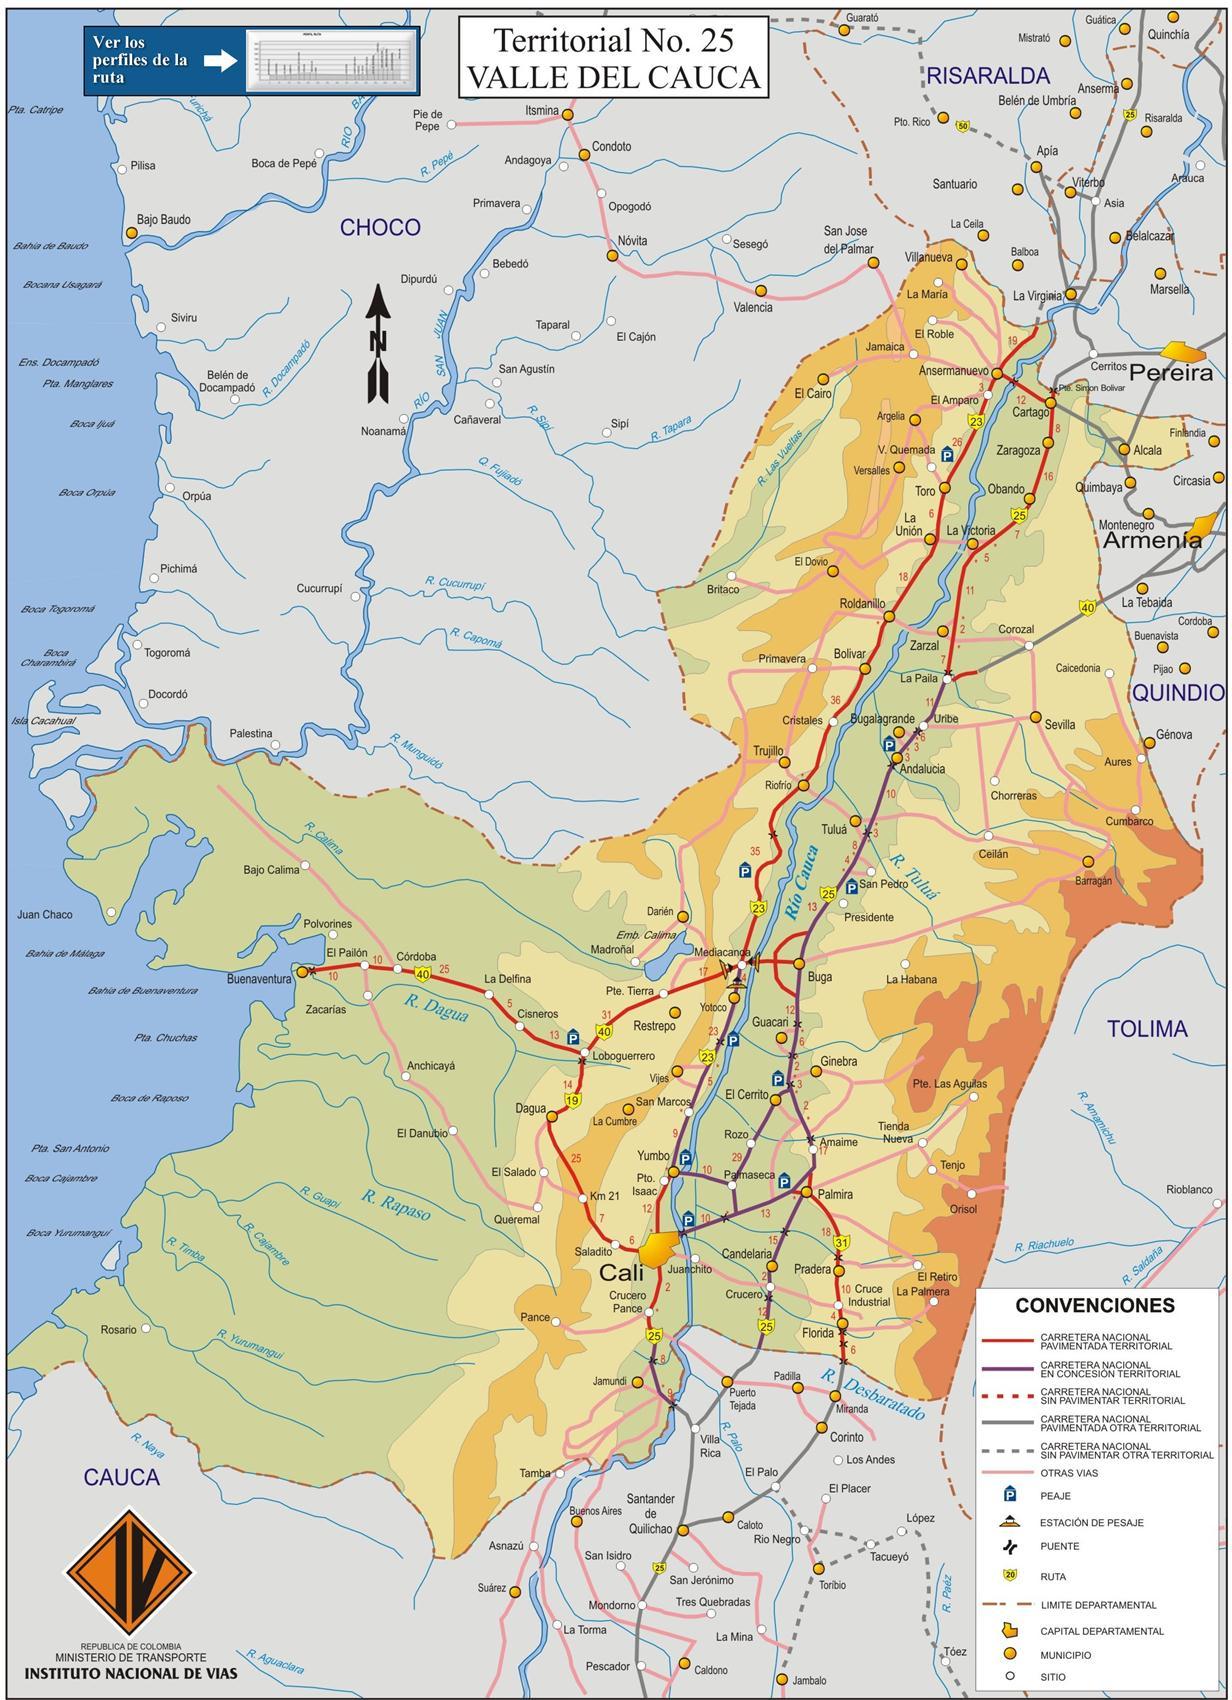 Plano de rutas de Valle del Cauca - MapaCarreteras.org